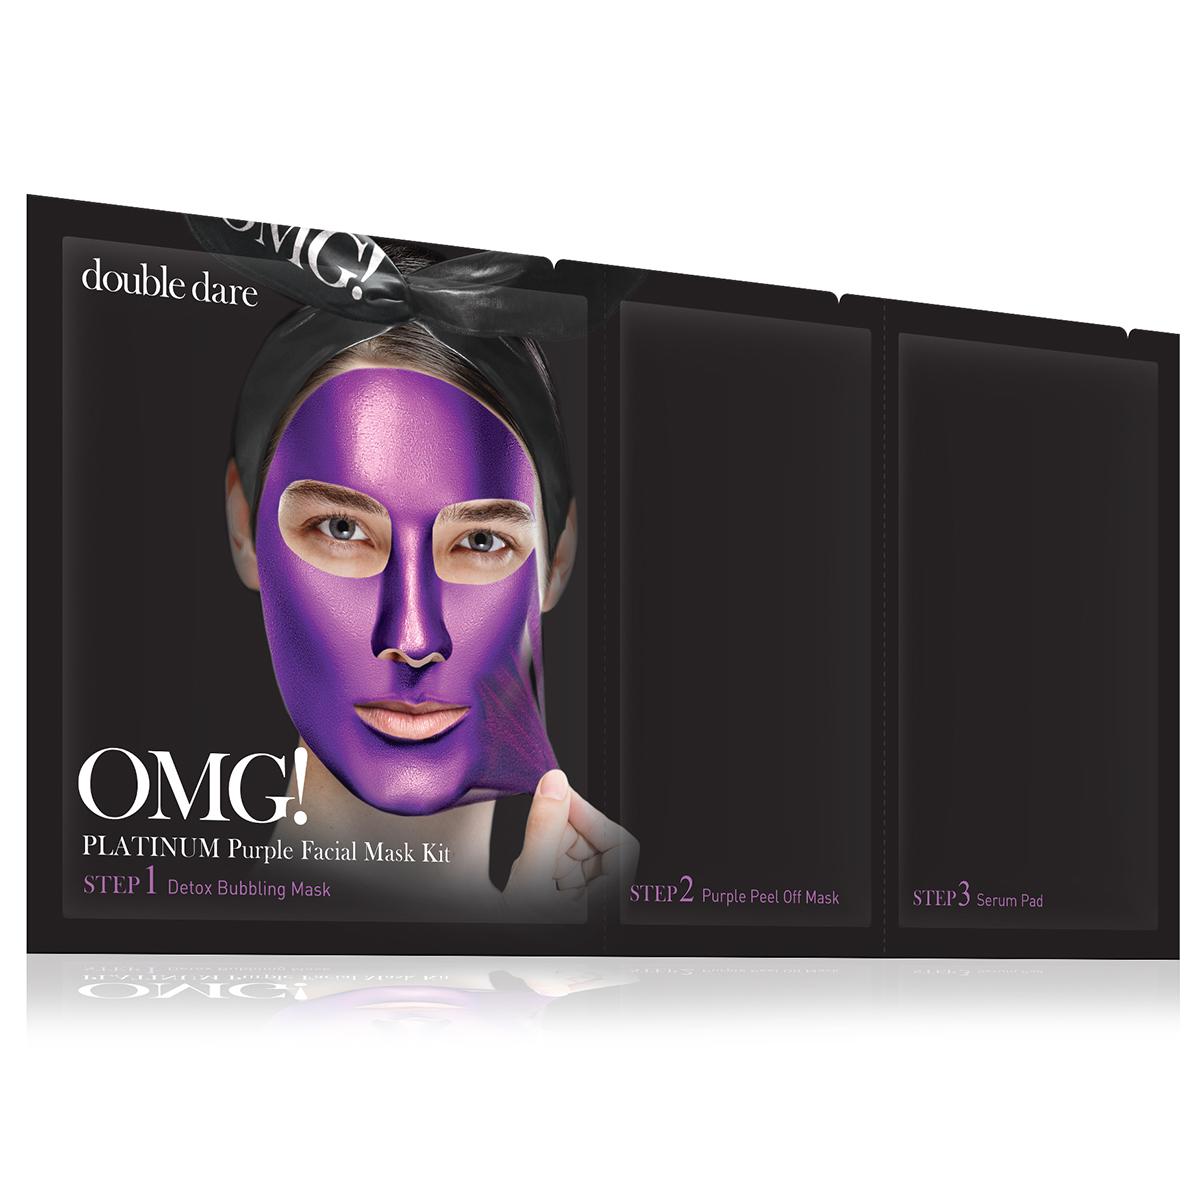 Double Dare OMG! Platinum Purple Facial Mask Kit Маска трехкомпонентная для ухода за кожей лица фиолетовая011845Яркая маска серии Double Dare OMG! Platinum разработана с использованием передовых технологий по очищению лица и уникального состава компонентов.Маска глубоко очищает и увлажняет кожу, придает коже мягкость и свежесть, обладает антивозрастным эффектом.Отличительной чертой фиолетовой маски является присутствие в составе шелковицы и голубики для упругости кожи и сужения пор.Три простых шага для глубокого очищения, улучшения цвета и общего состояния кожи лица!Шаг 1. Детокс кислородная маска для глубокого очищения.Кислородная маска-детокс аккуратно очищает кожу и придает лицу свежесть и сияние.Способ применения:Нанесите маску на кожу до или после снятия макияжа. Оставьте маску на лице на 1-3 минуты. Тщательно смойте маску водой и высушите лицо.Состав:Water, Glycerin, Cocamidopropyl Betaine, Dipropylene Glycol, Disiloxane, Methyl Perfluorobutyl Ether, Water, Methyl Perfluoroisobutyl Ether, Butylene Glycol, Sodium Cocoyl Apple Amino Acids, Hexylene Glycol, Hydroxyethylcellulose, 1,2-Hexanediol, Sodium Chloride, Ethylhexylglycerin, Disodium EDTA, Phenoxyethanol, Fragrance.Шаг 2. Очищающая маска-пленка.Нежная маска-пленка с шелковицей и голубикой для упругости кожи и сужения пор.Способ применения:Нанесите тонкий ровный слой маски на лицо. Оставьте маску на лице на 20-30 минут до полного высыхания. Очистите лицо от маски.Состав:Water, Polyvinyl Alcohol, Alcohol, Dipropylene Glycol, Mica, Titanium Dioxide, Synthetic Fluorphlogopite, Polysorbate 20, Xanthan Gum, Butylene Glycol, Glycerin, Polymethylsilsesquioxane, Isohexadecane, Dimethicone, Steareth-21, Steareth-2, Ficus Carica (Fig) Fruit/Leaf Extract, Ulmus Davidiana Root Extract, Diospyros Kaki Leaf Extract, Houttuynia Cordata Extract, Eriobotrya Japonica Leaf Extract, Laminaria Japonica Extract, Chlorella Vulgaris Extract, Undaria Pinnatifida Extract, PEG-40 Stearate, Cetearyl Methicone, Montmorillonite, Iron Ox